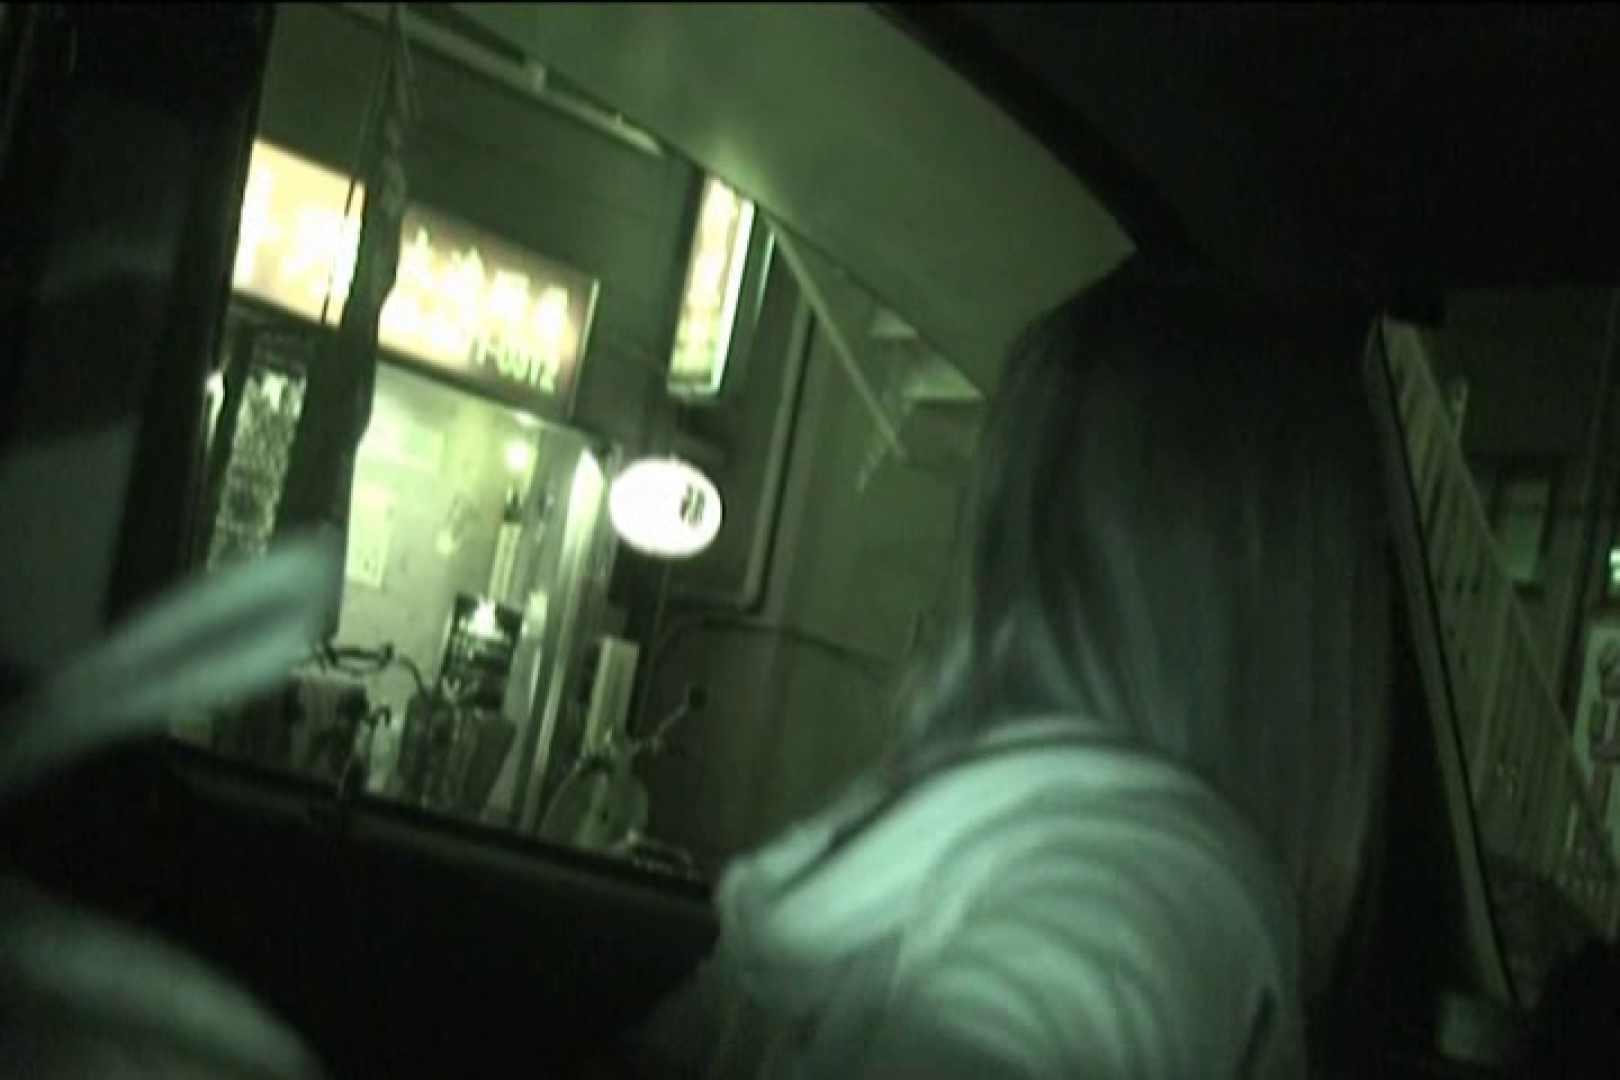 車内で初めまして! vol03 パンティ アダルト動画キャプチャ 63連発 22